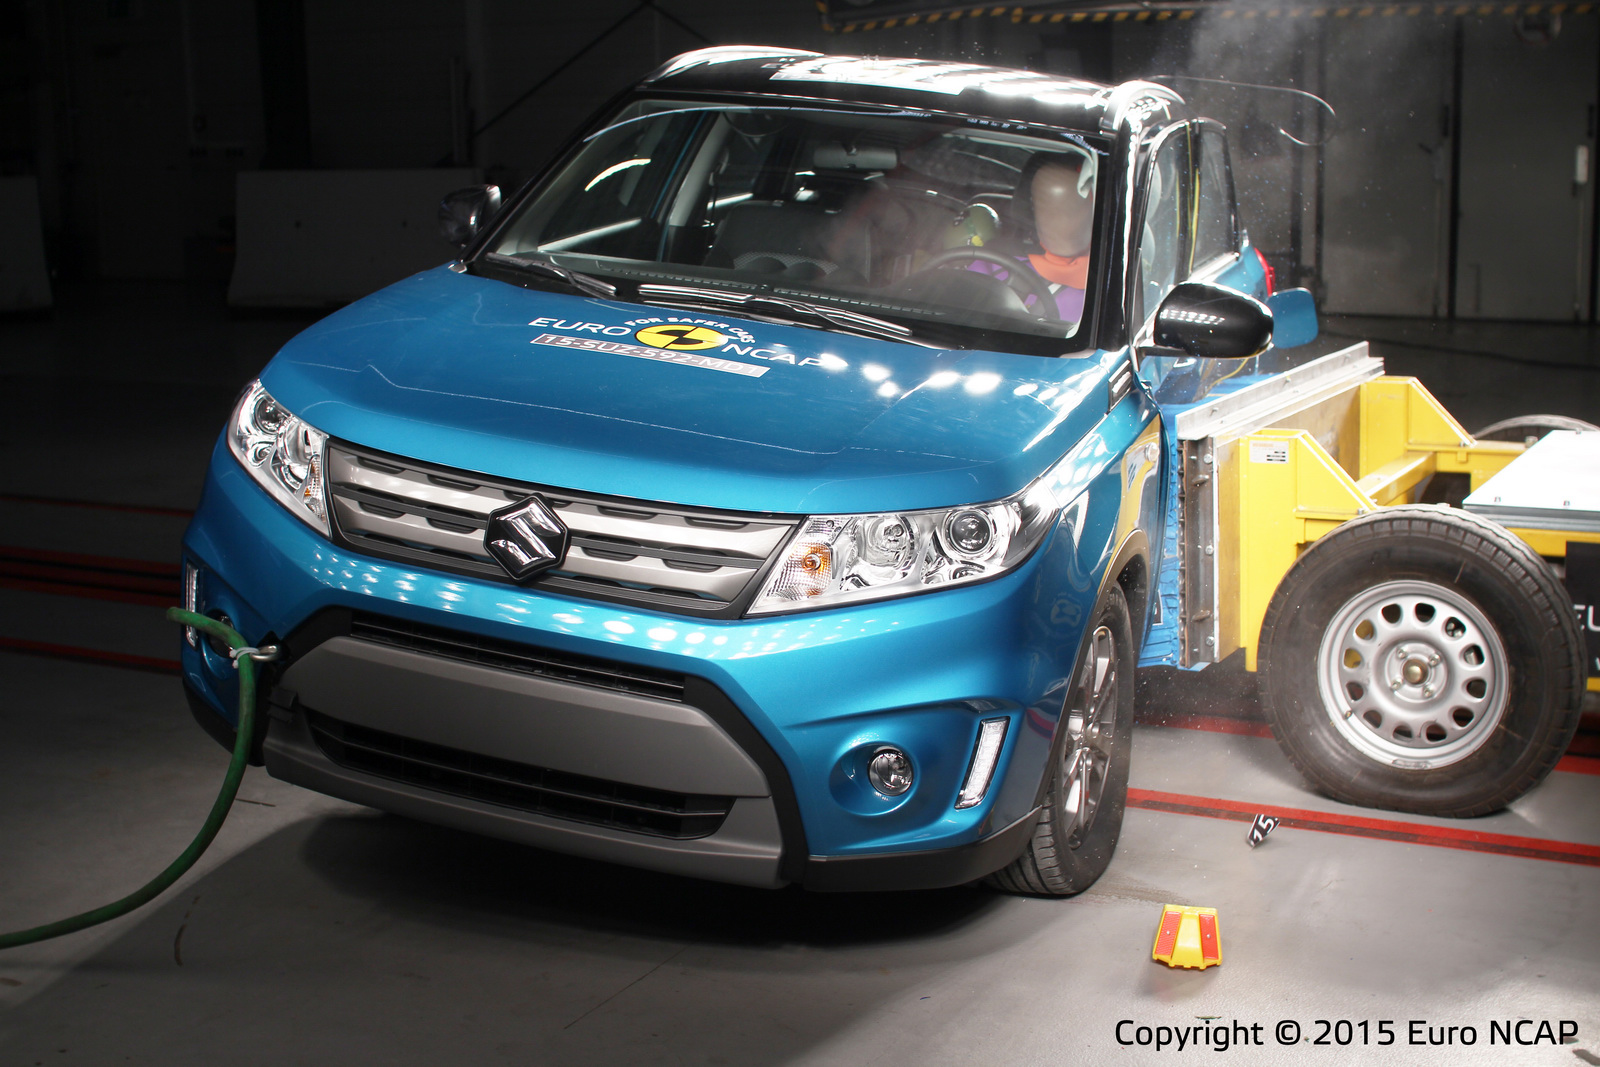 Euro NCAP: Los Renault Espace y Suzuki Vitara consiguen 5 estrellas, el Mazda2 y Fiat 500X se conforman con menos 4